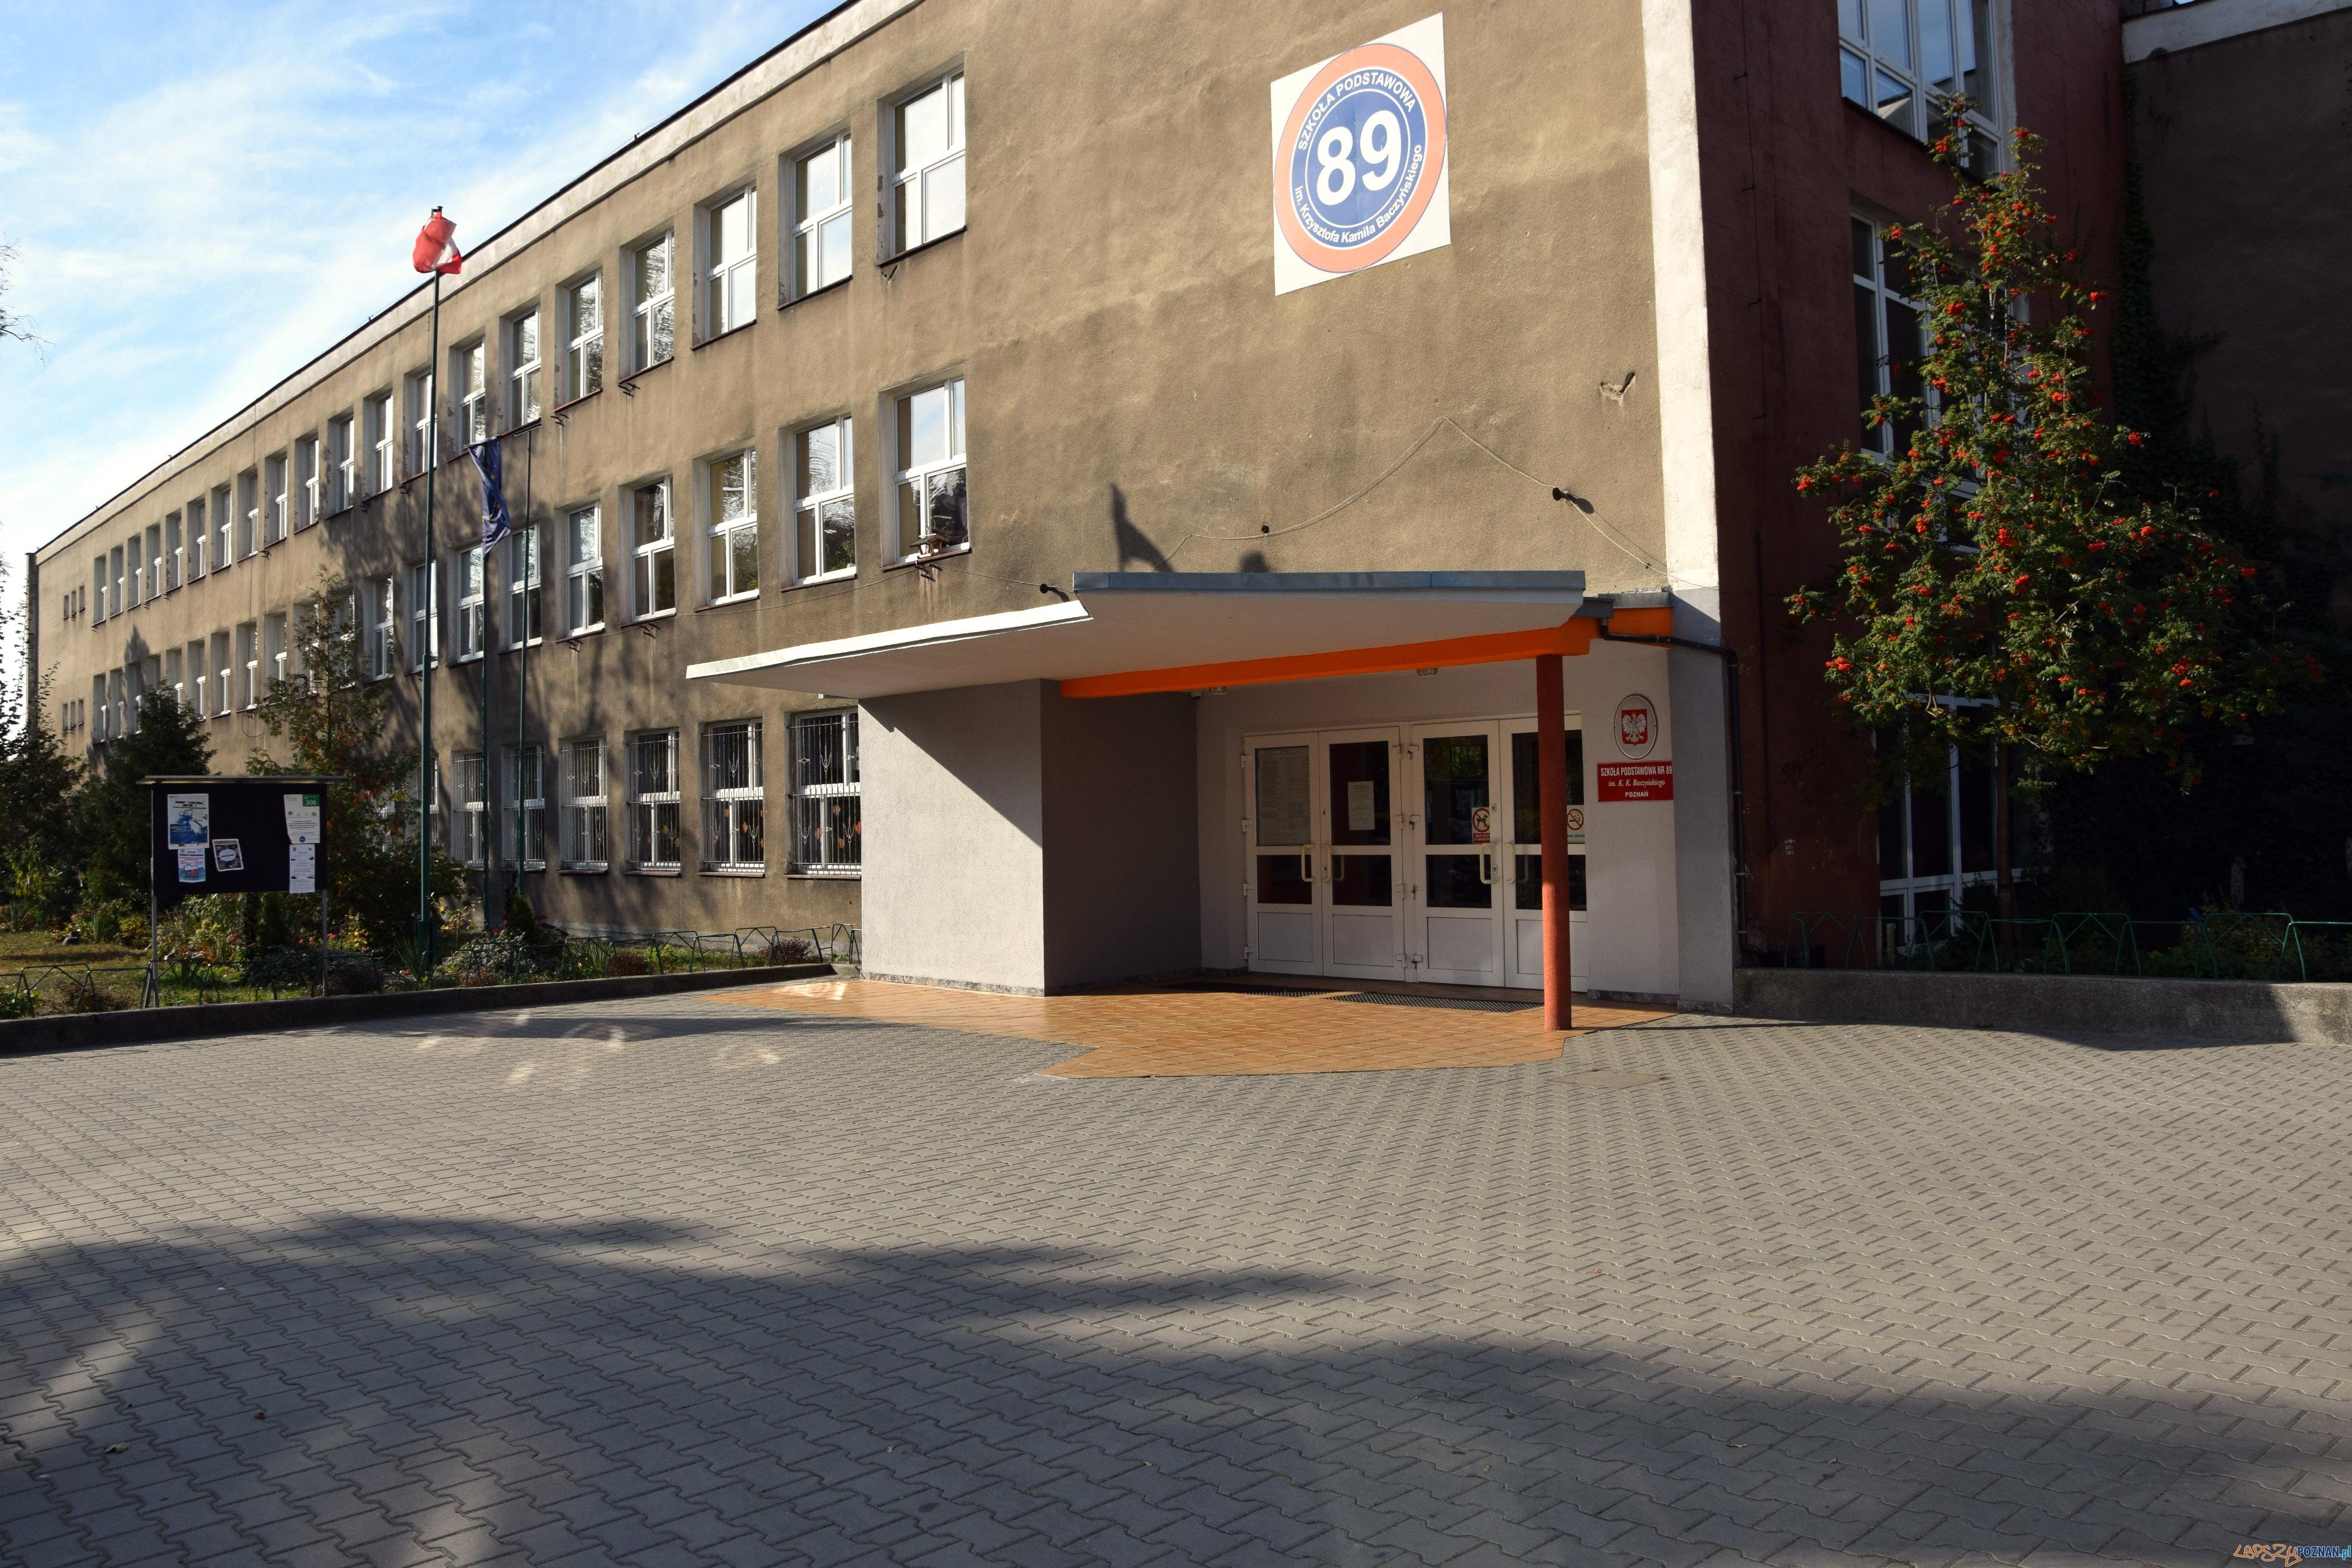 Szkoła Podstawowa nr 89 im. Krzysztofa Kamila Baczyńskiego